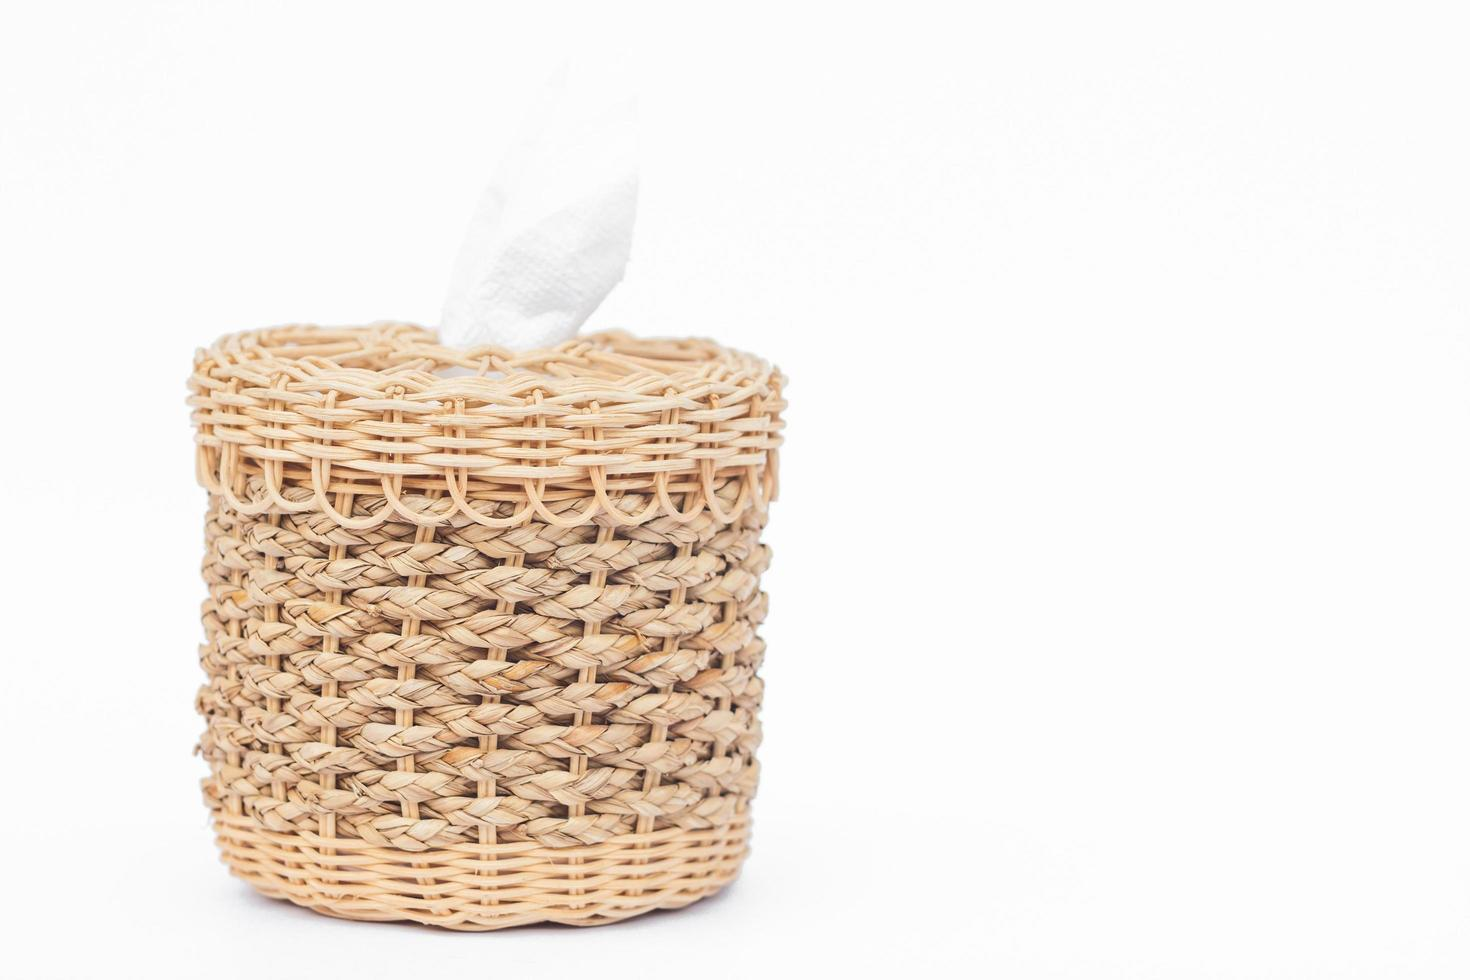 geweven tissue doos met kopie ruimte op een witte achtergrond foto